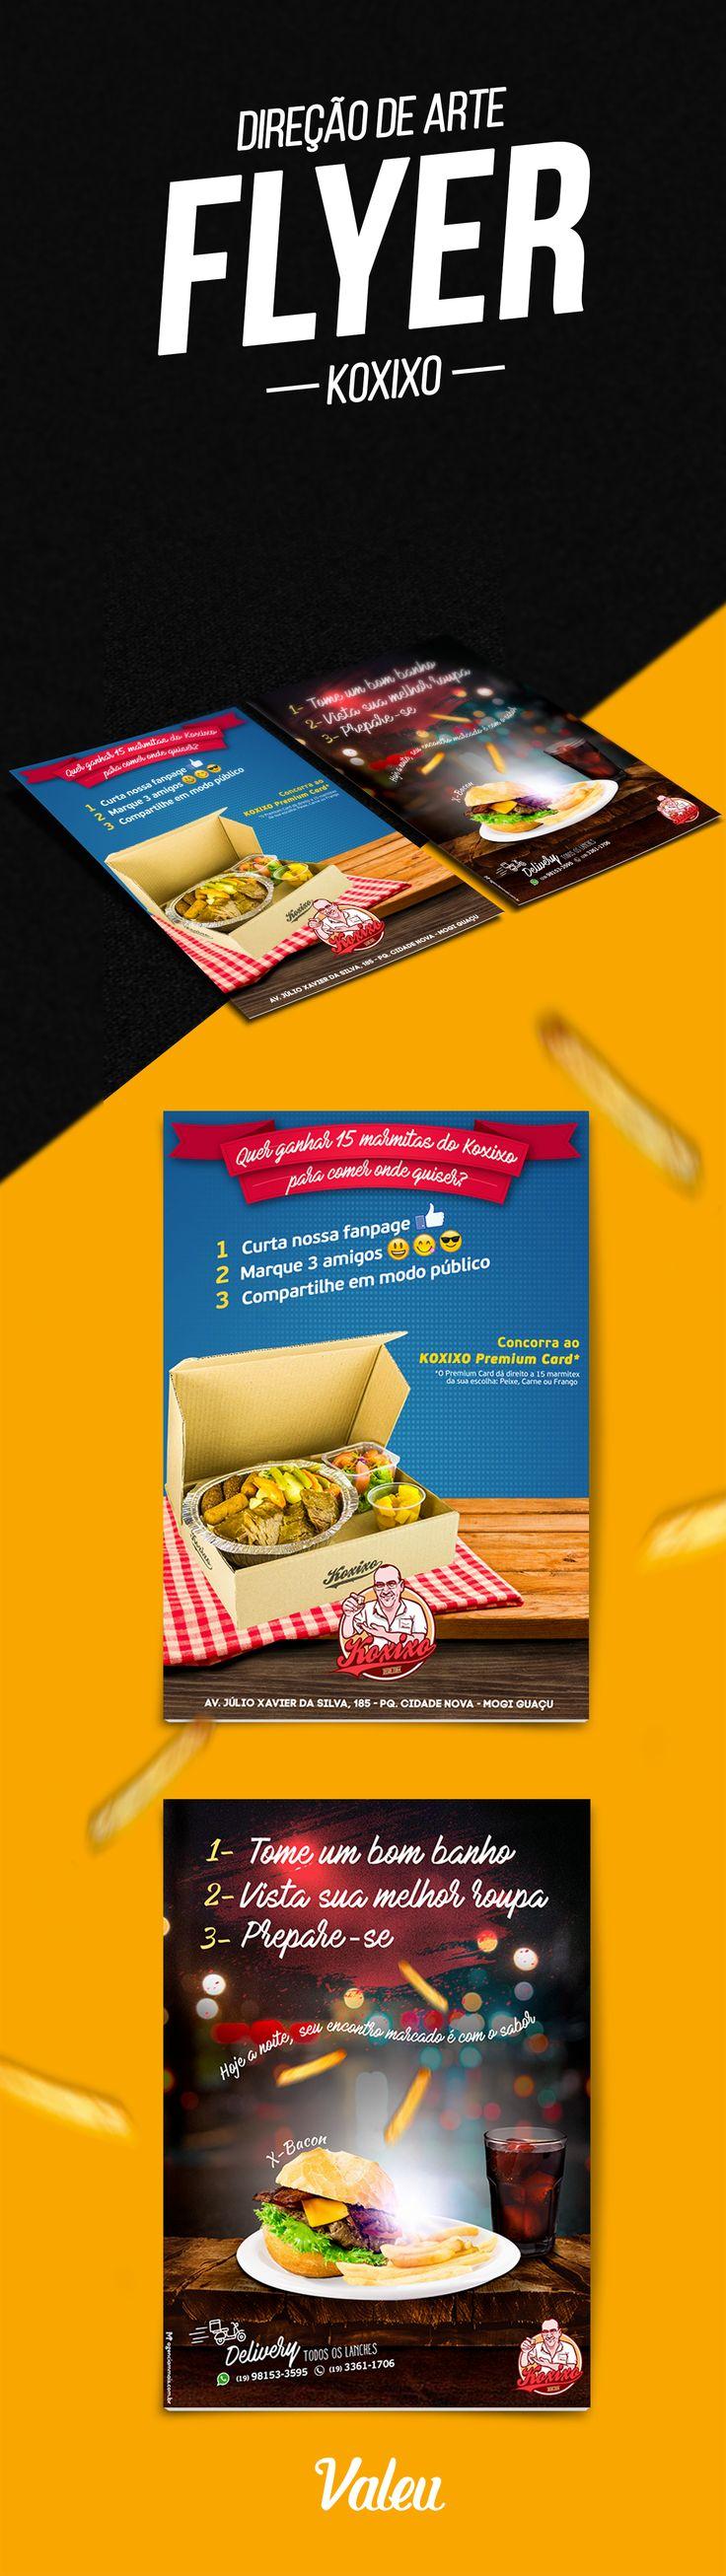 Flyer promocional - Restaurante Koxixo